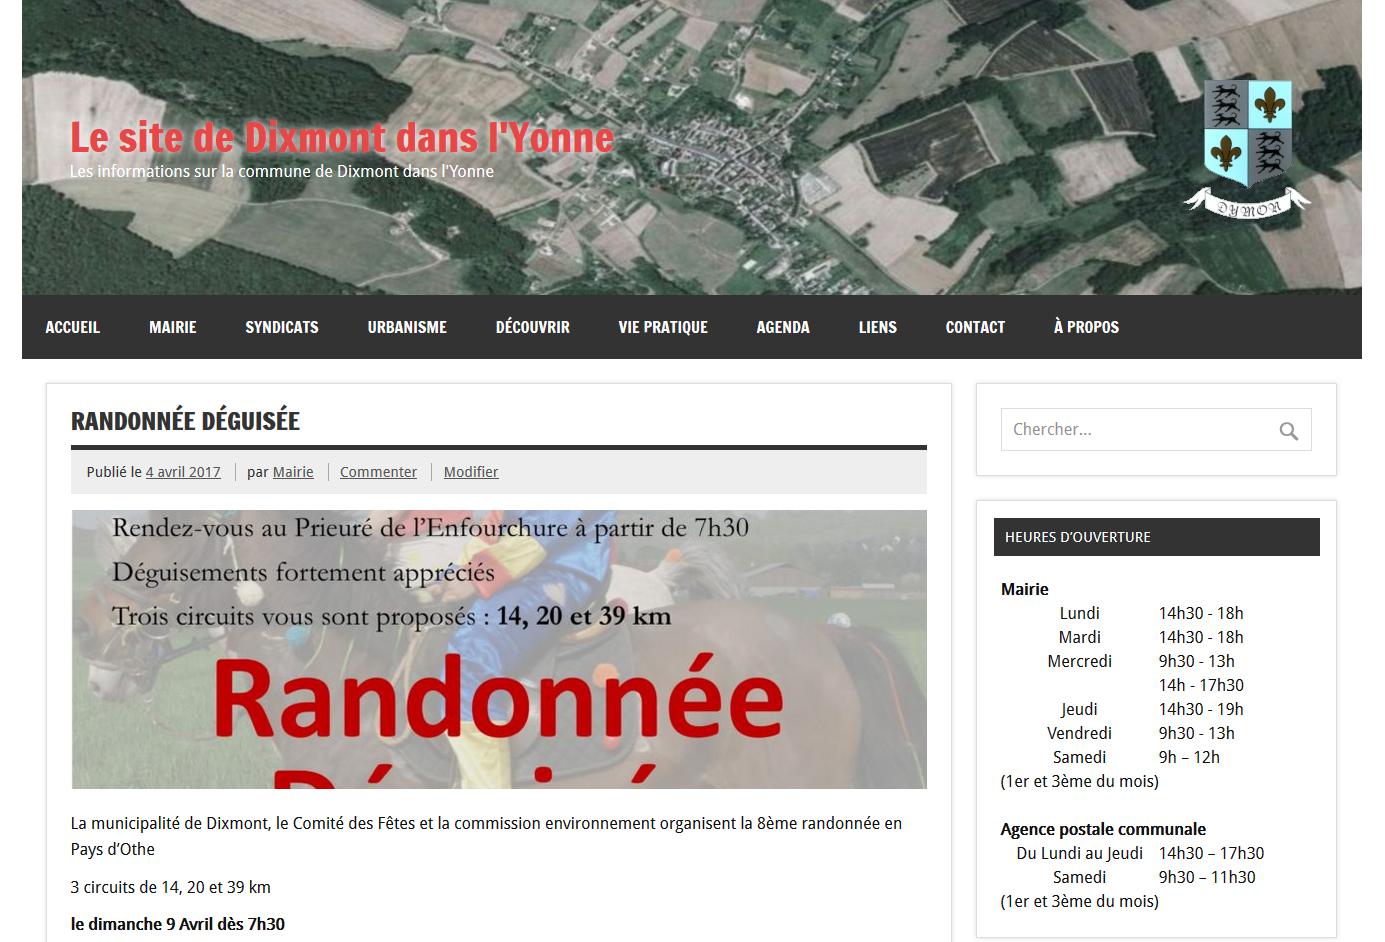 Dixmont dans l'Yonne